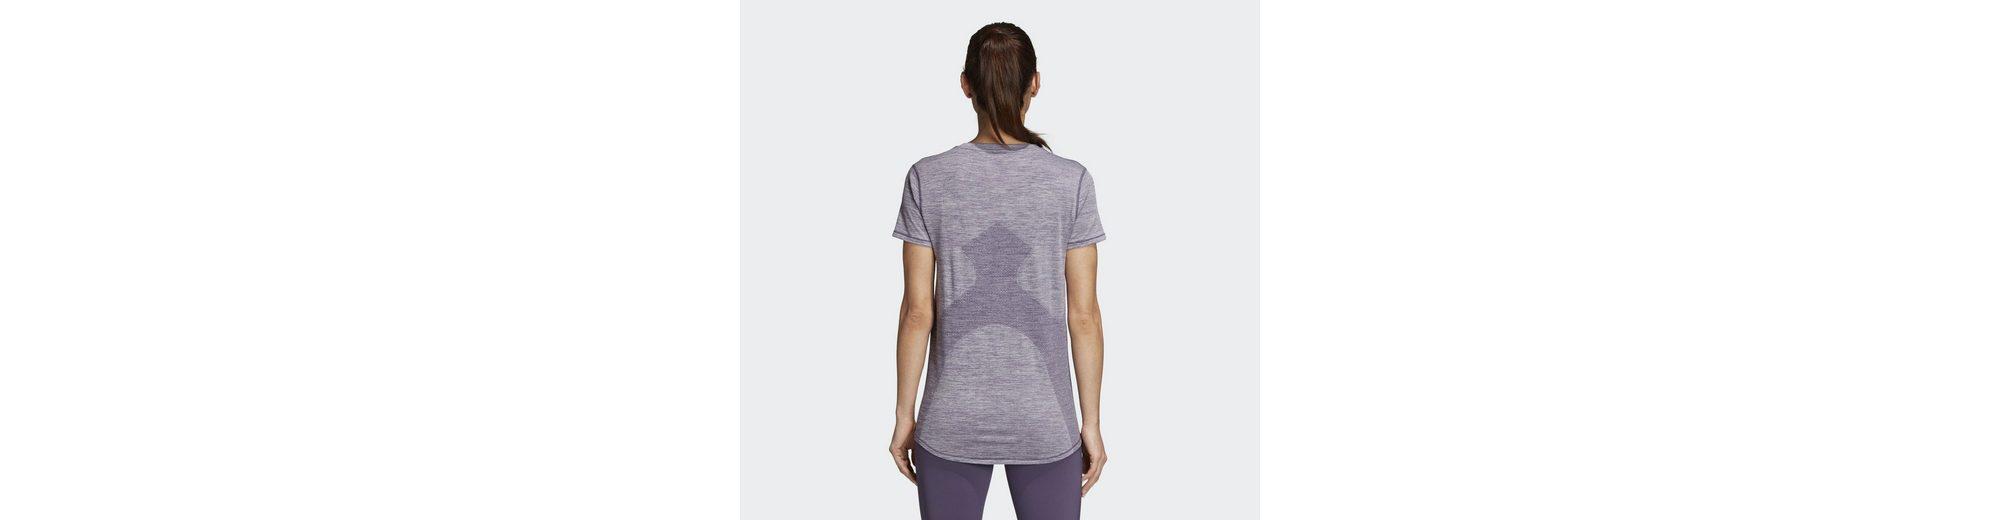 Original-Verkauf Online adidas Performance Sporttop Climalite T-Shirt Wiki Online 6PRa0HL